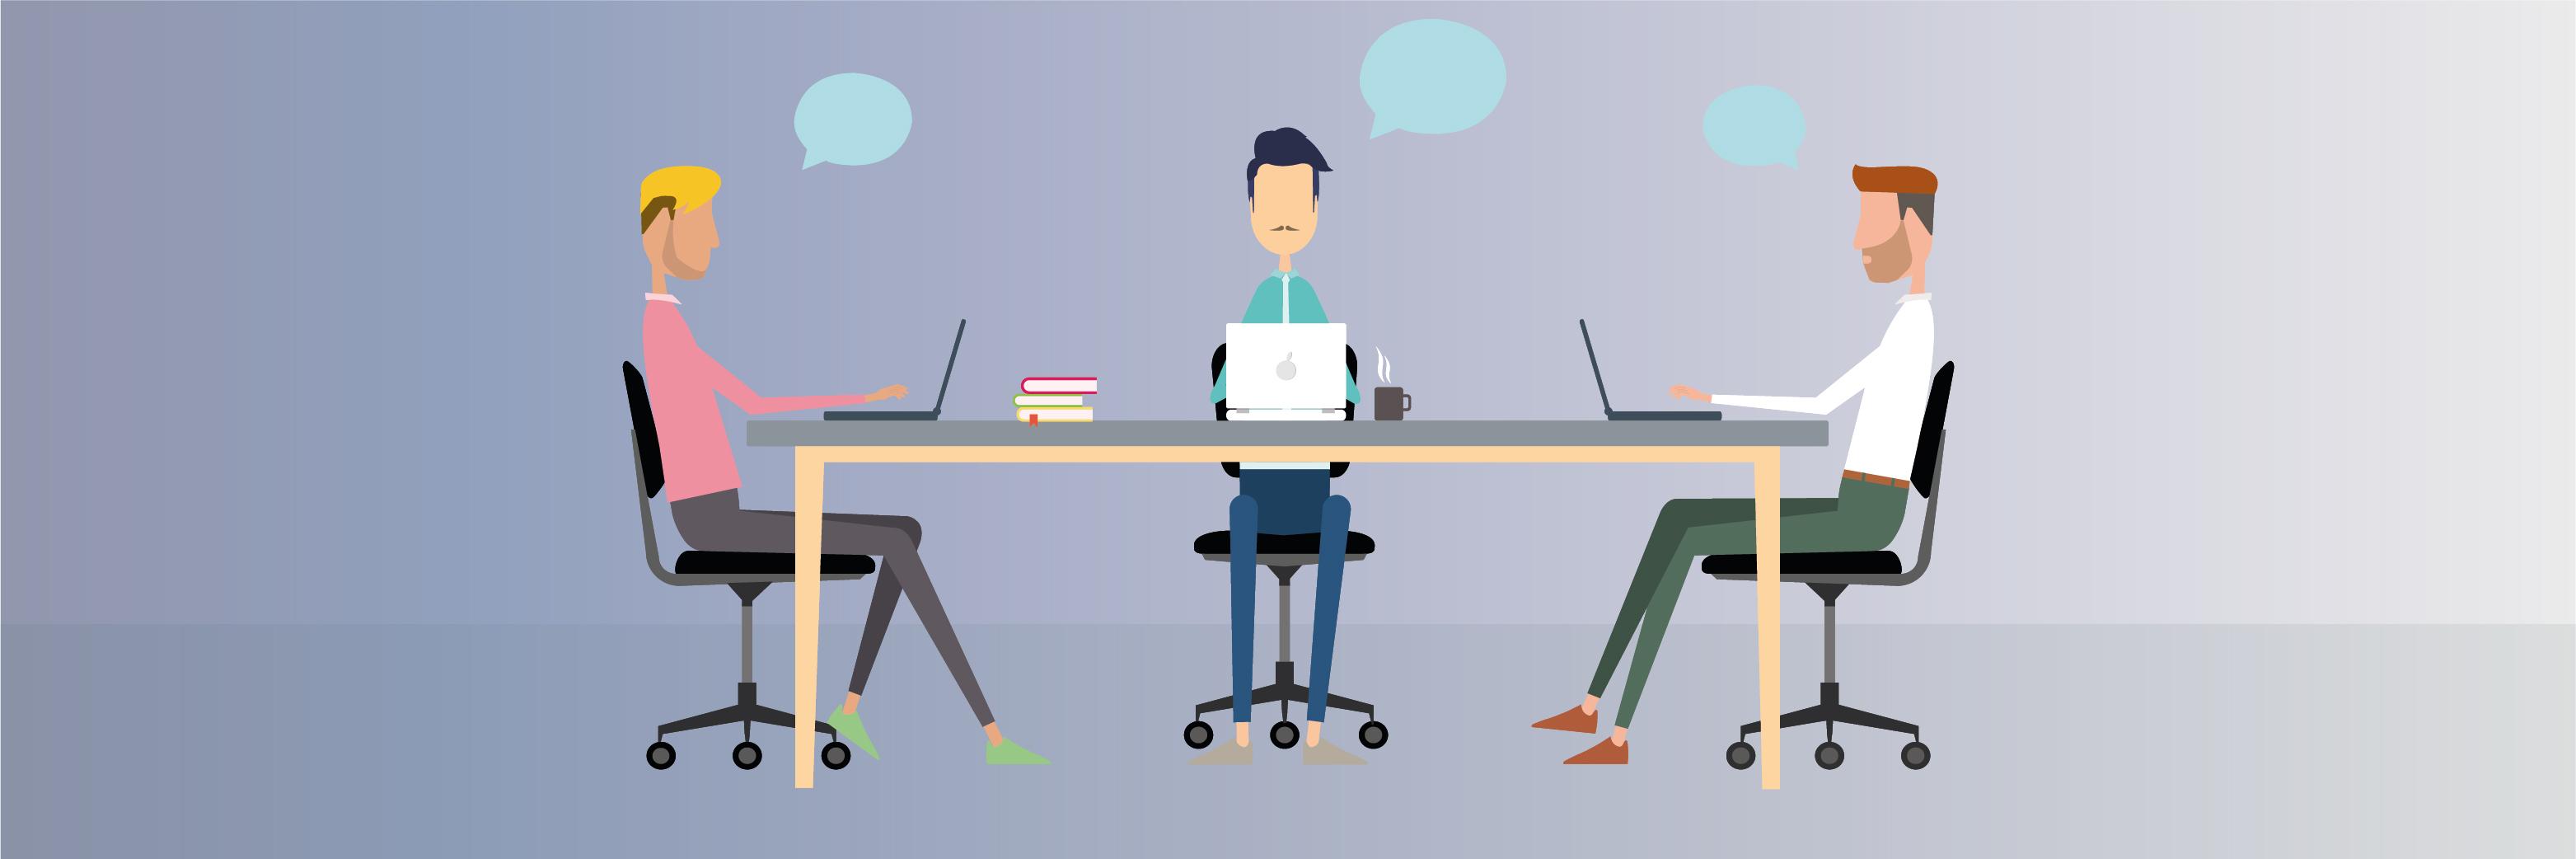 كيف من المتوقع أن يكون الوضع الطبيعي الجديد في العمل؟